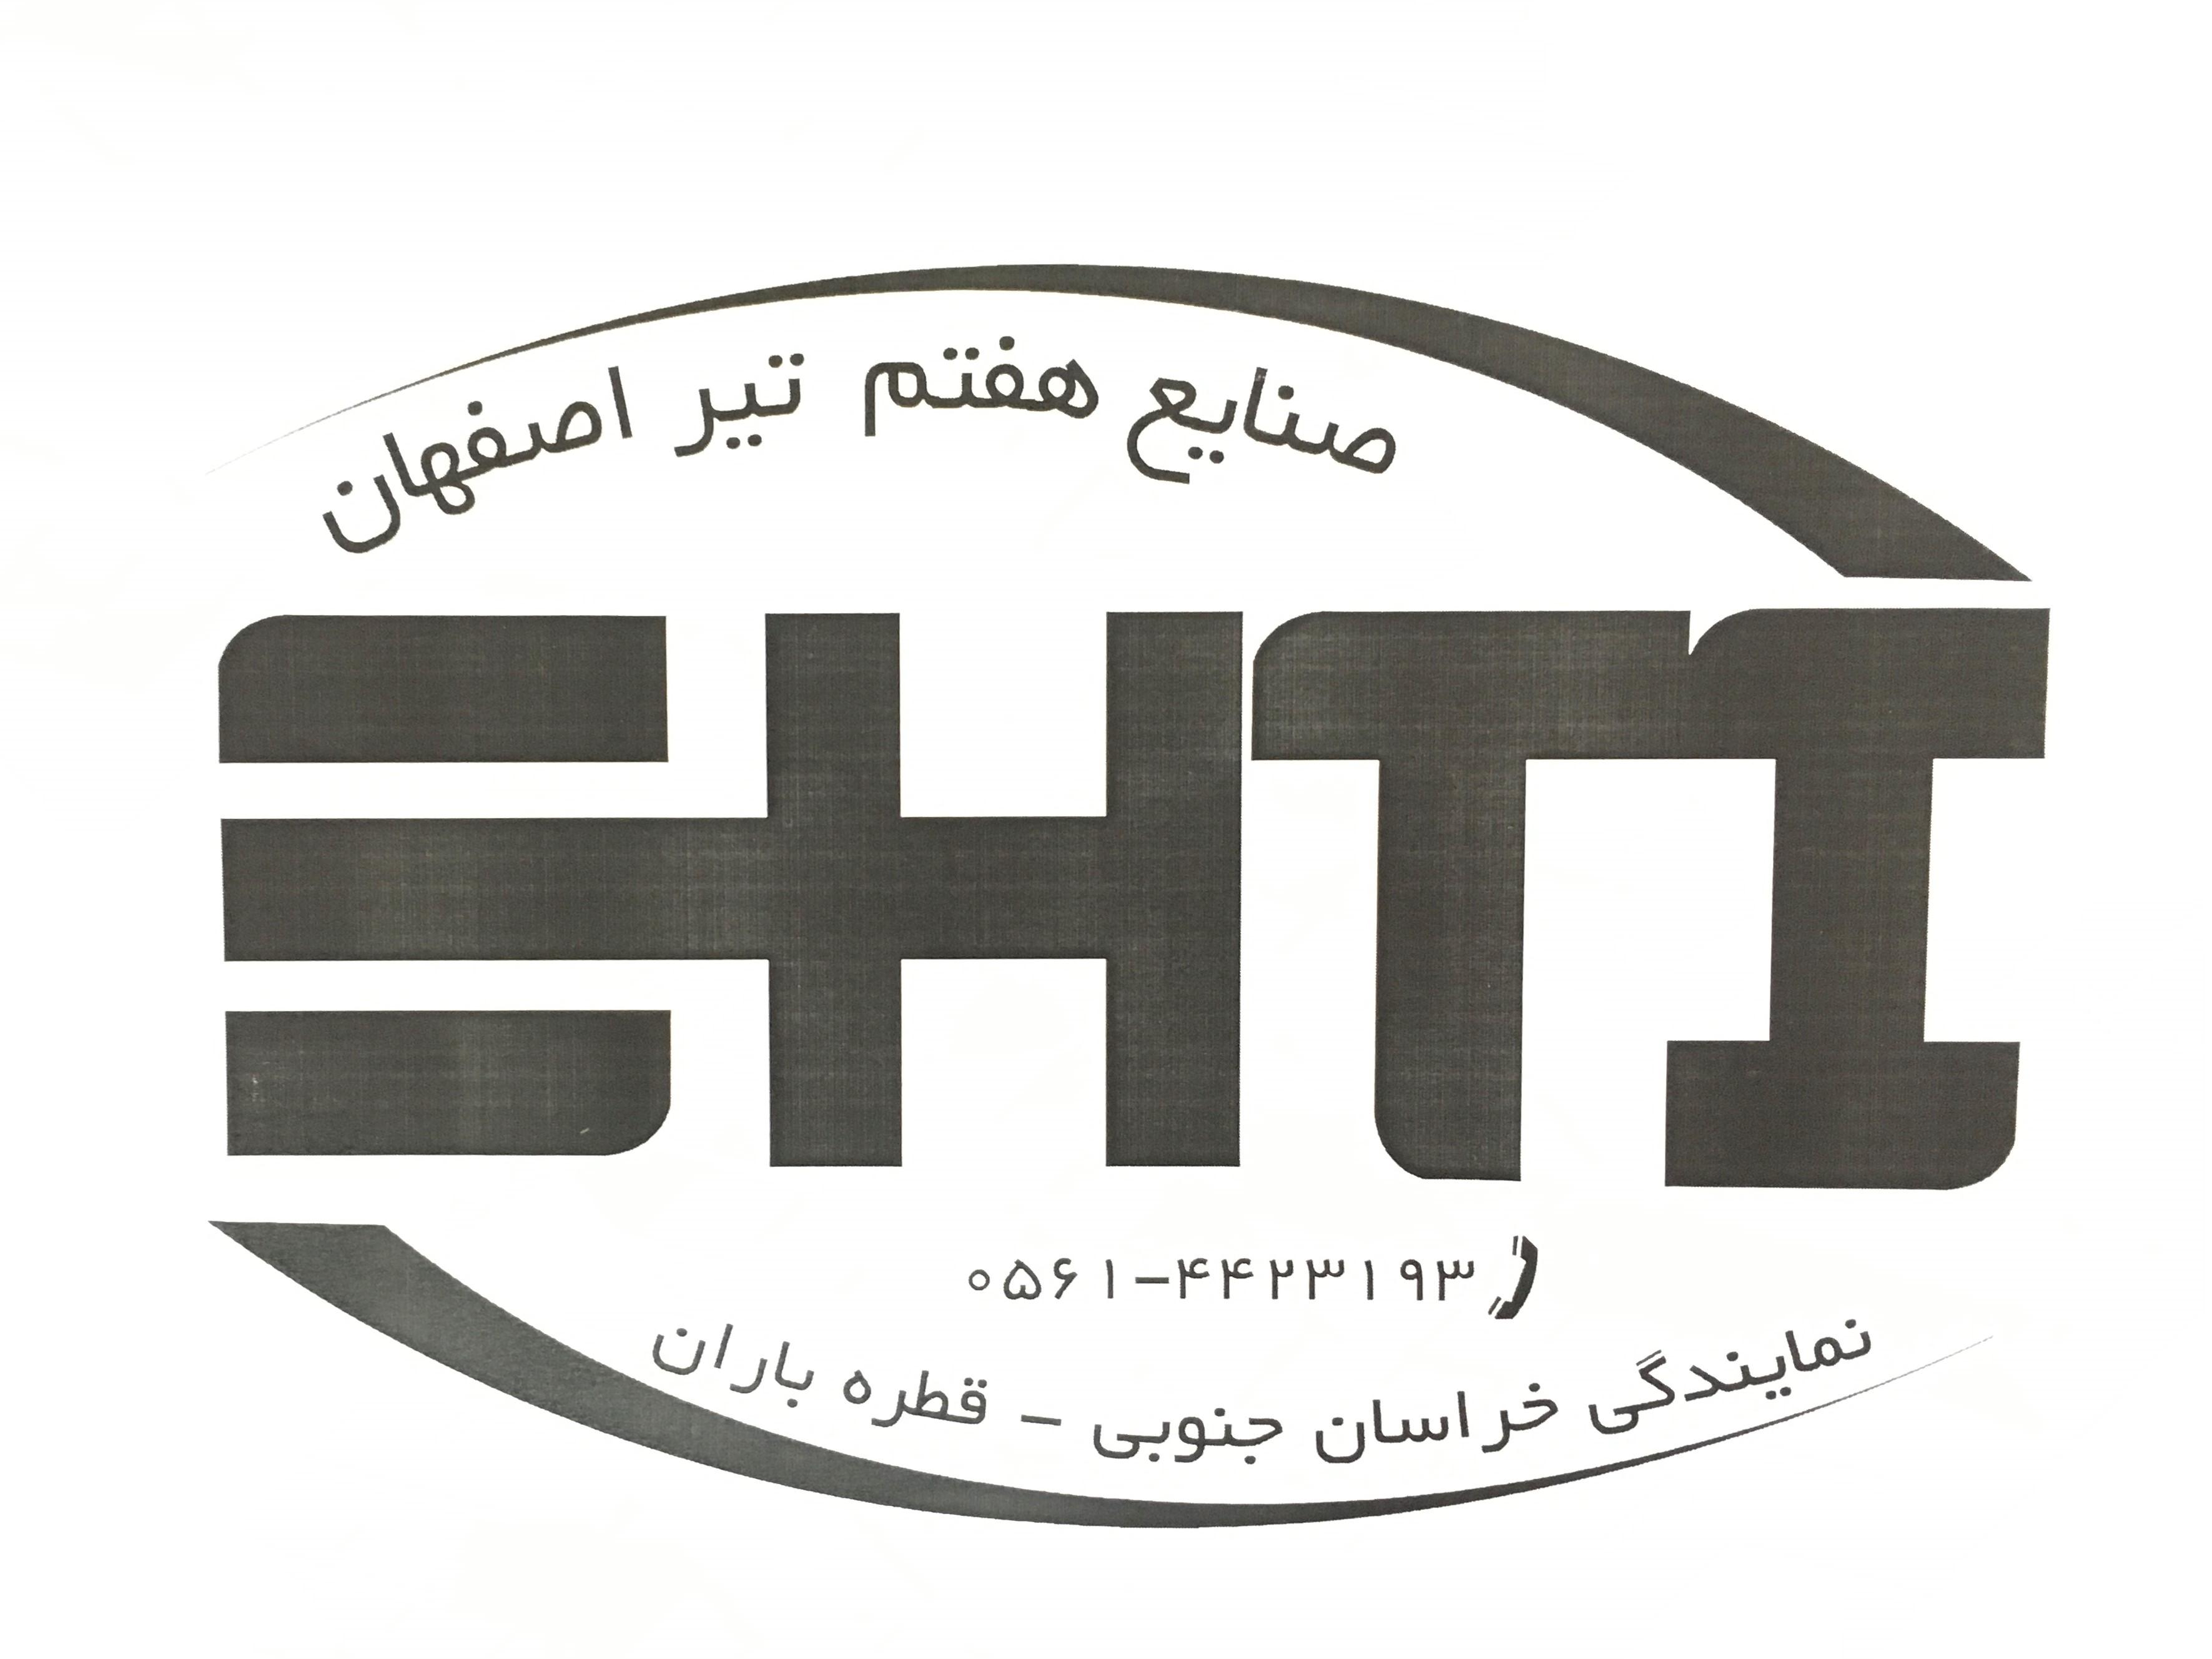 پیوستن صنایع هفتم تیراصفهان به حامیان کنفرانس